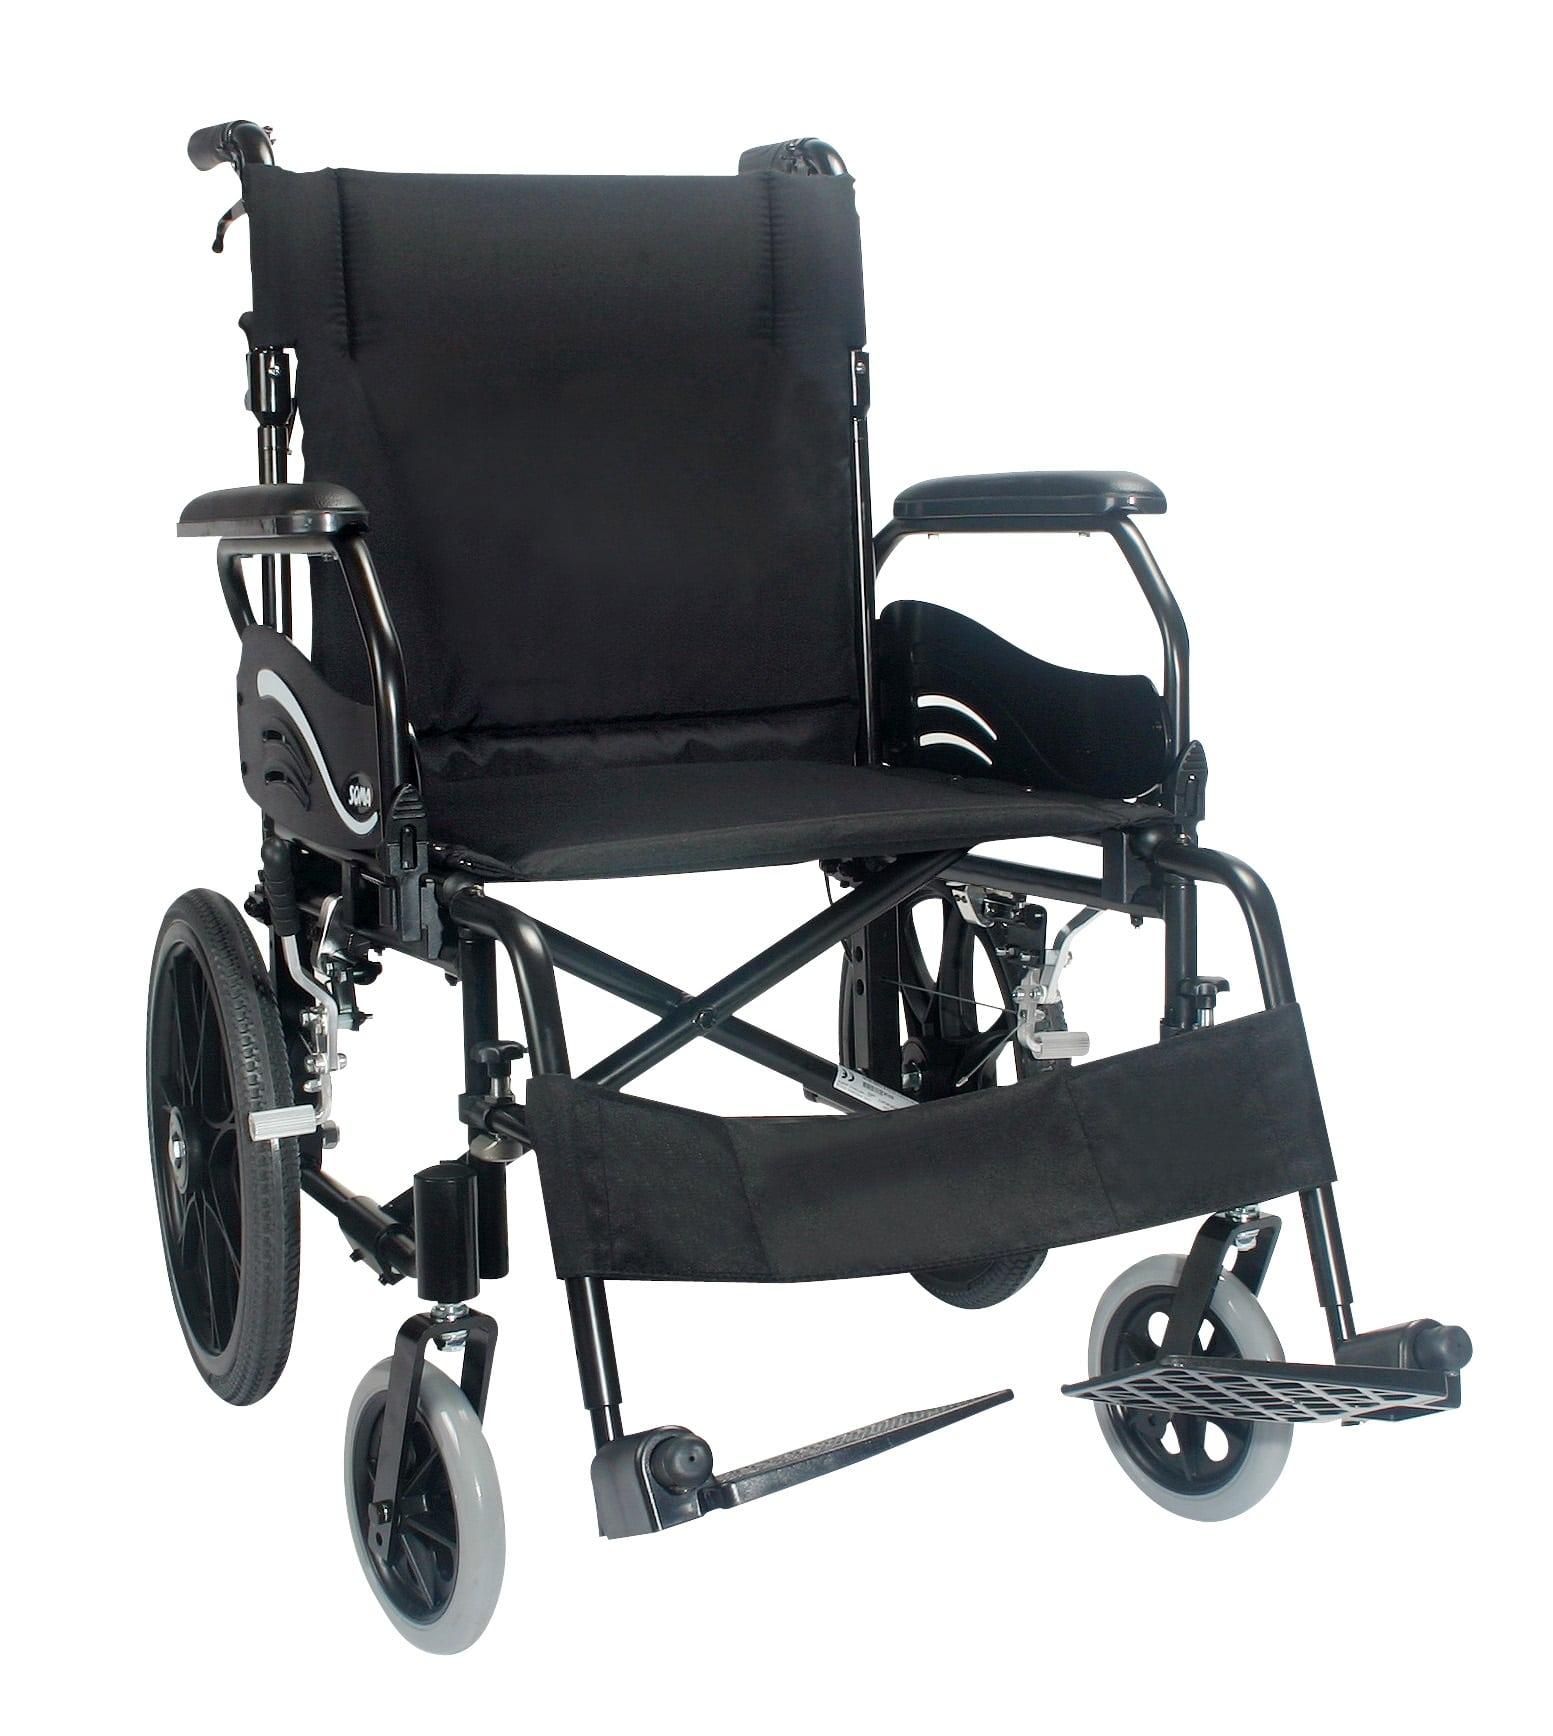 wren transit manual wheelchair